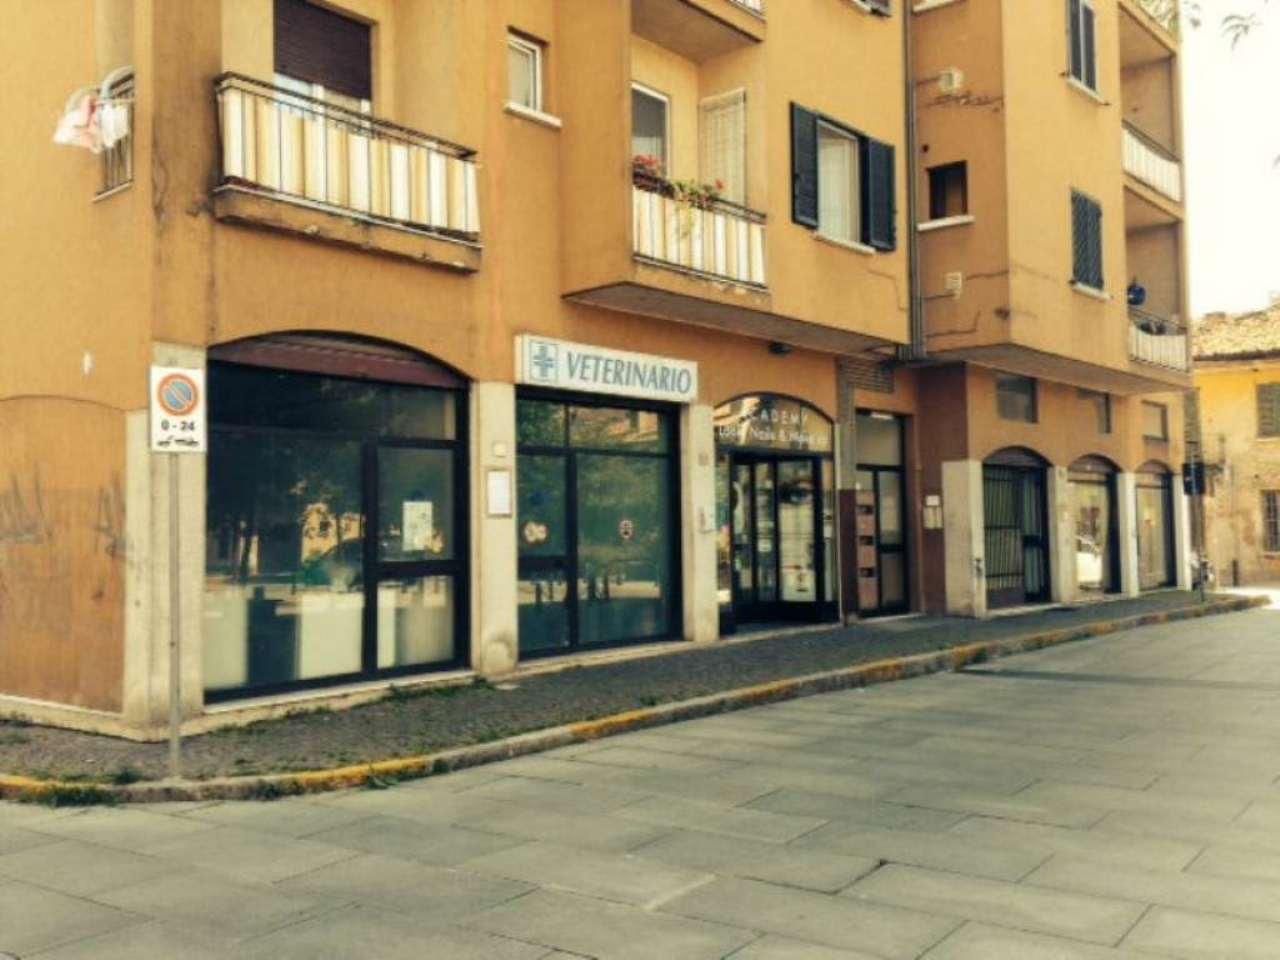 Negozio / Locale in vendita a Cassano d'Adda, 9999 locali, prezzo € 189.000 | Cambio Casa.it